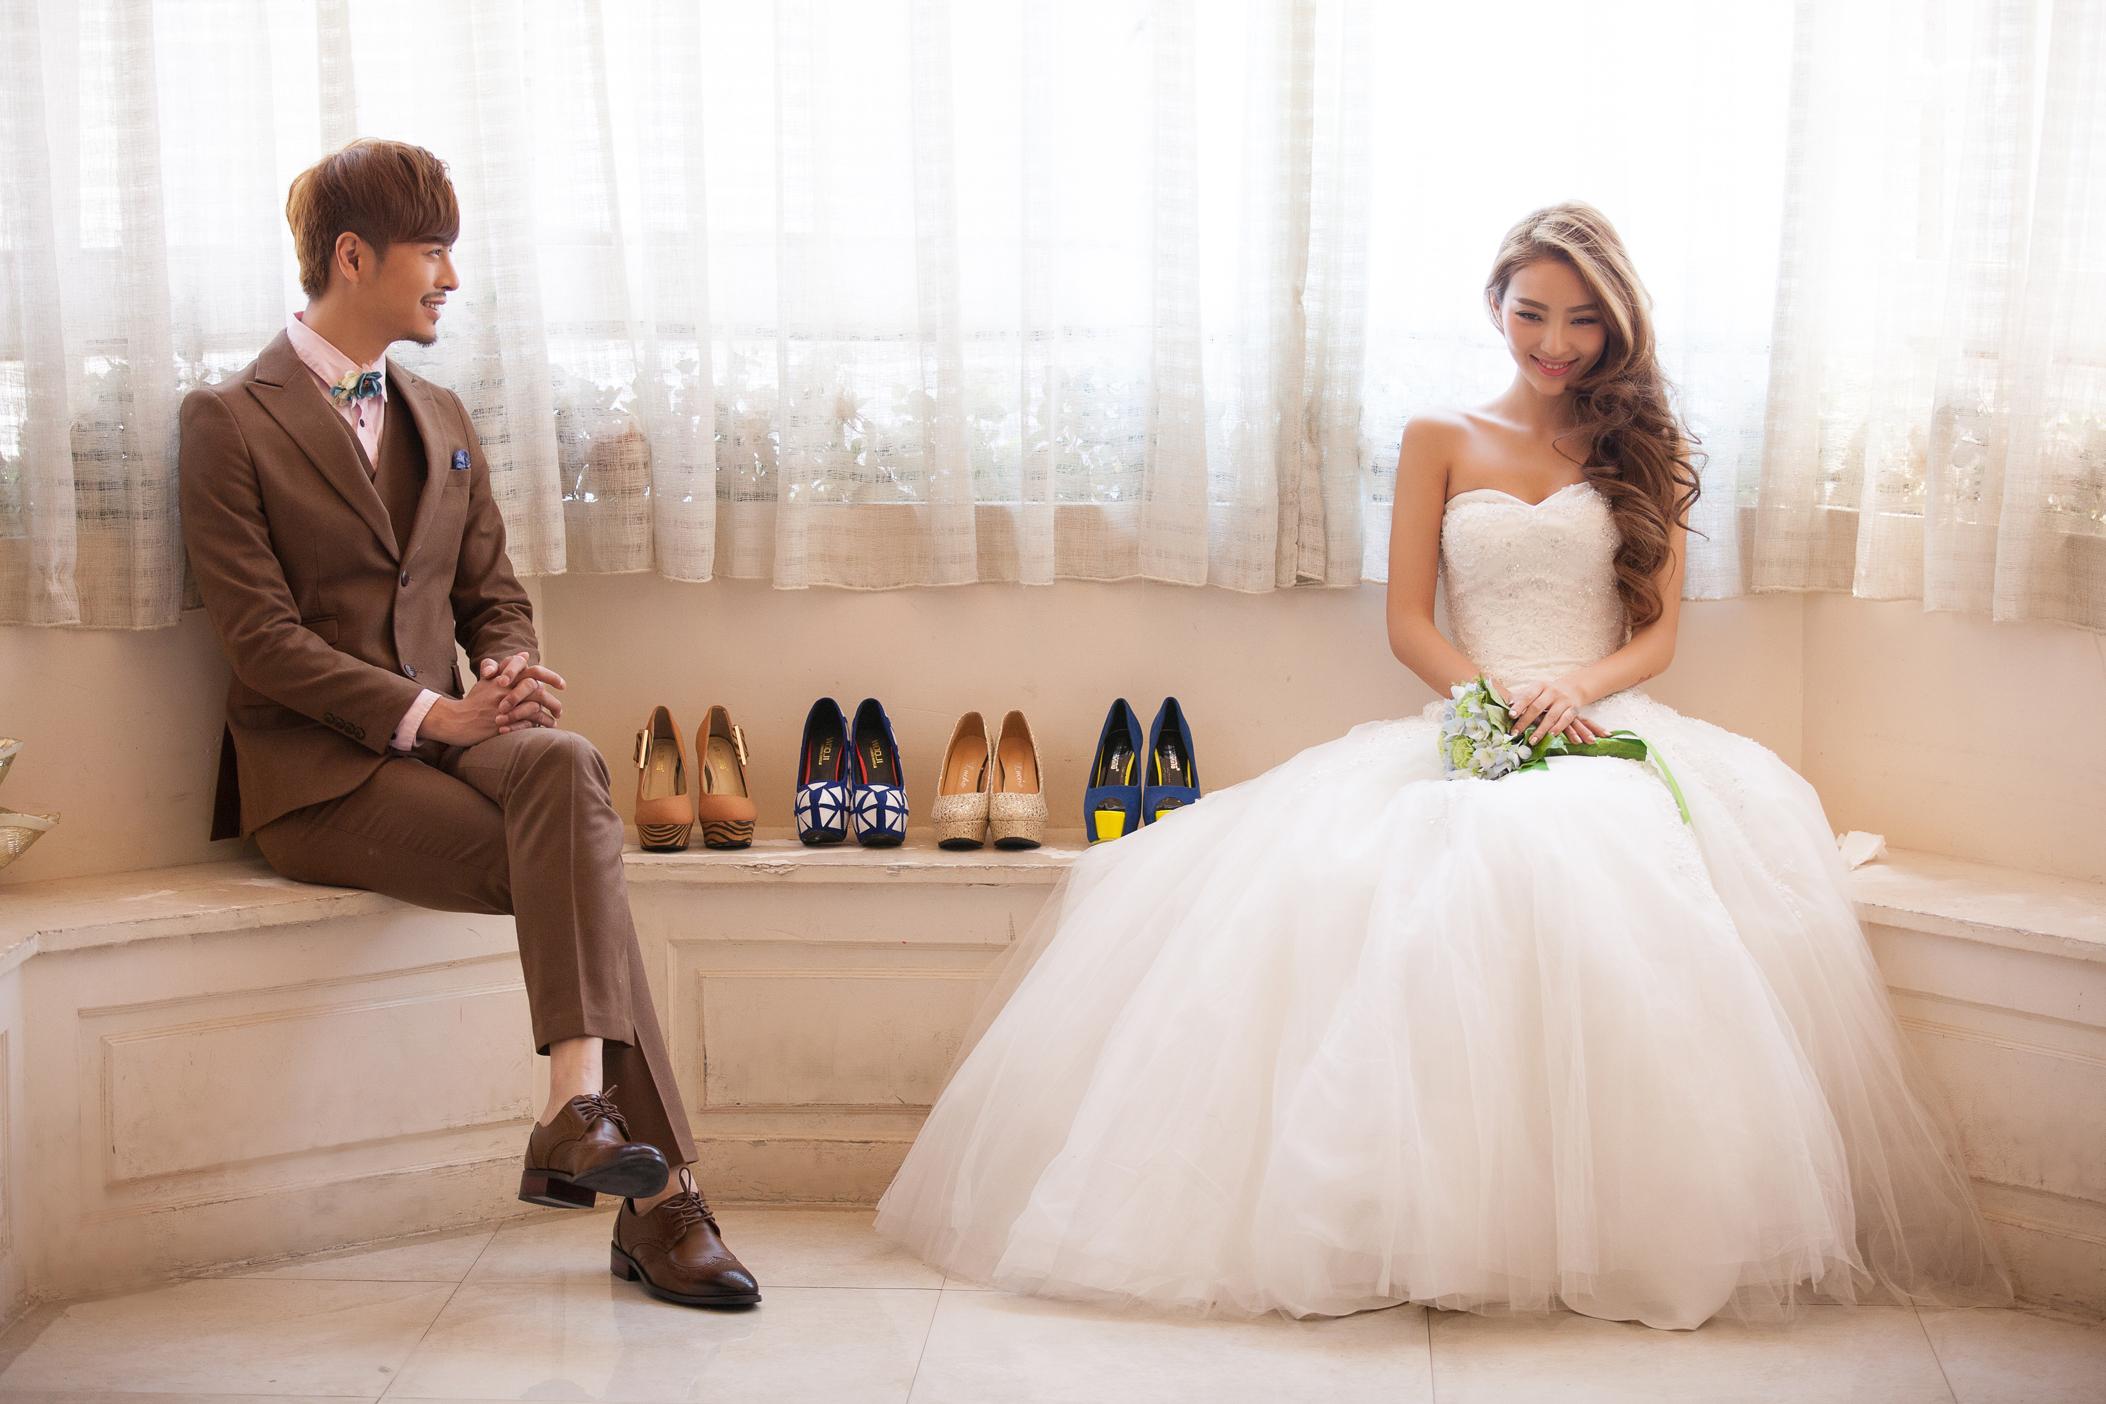 深圳拍婚纱照_在深圳拍婚纱照的图片